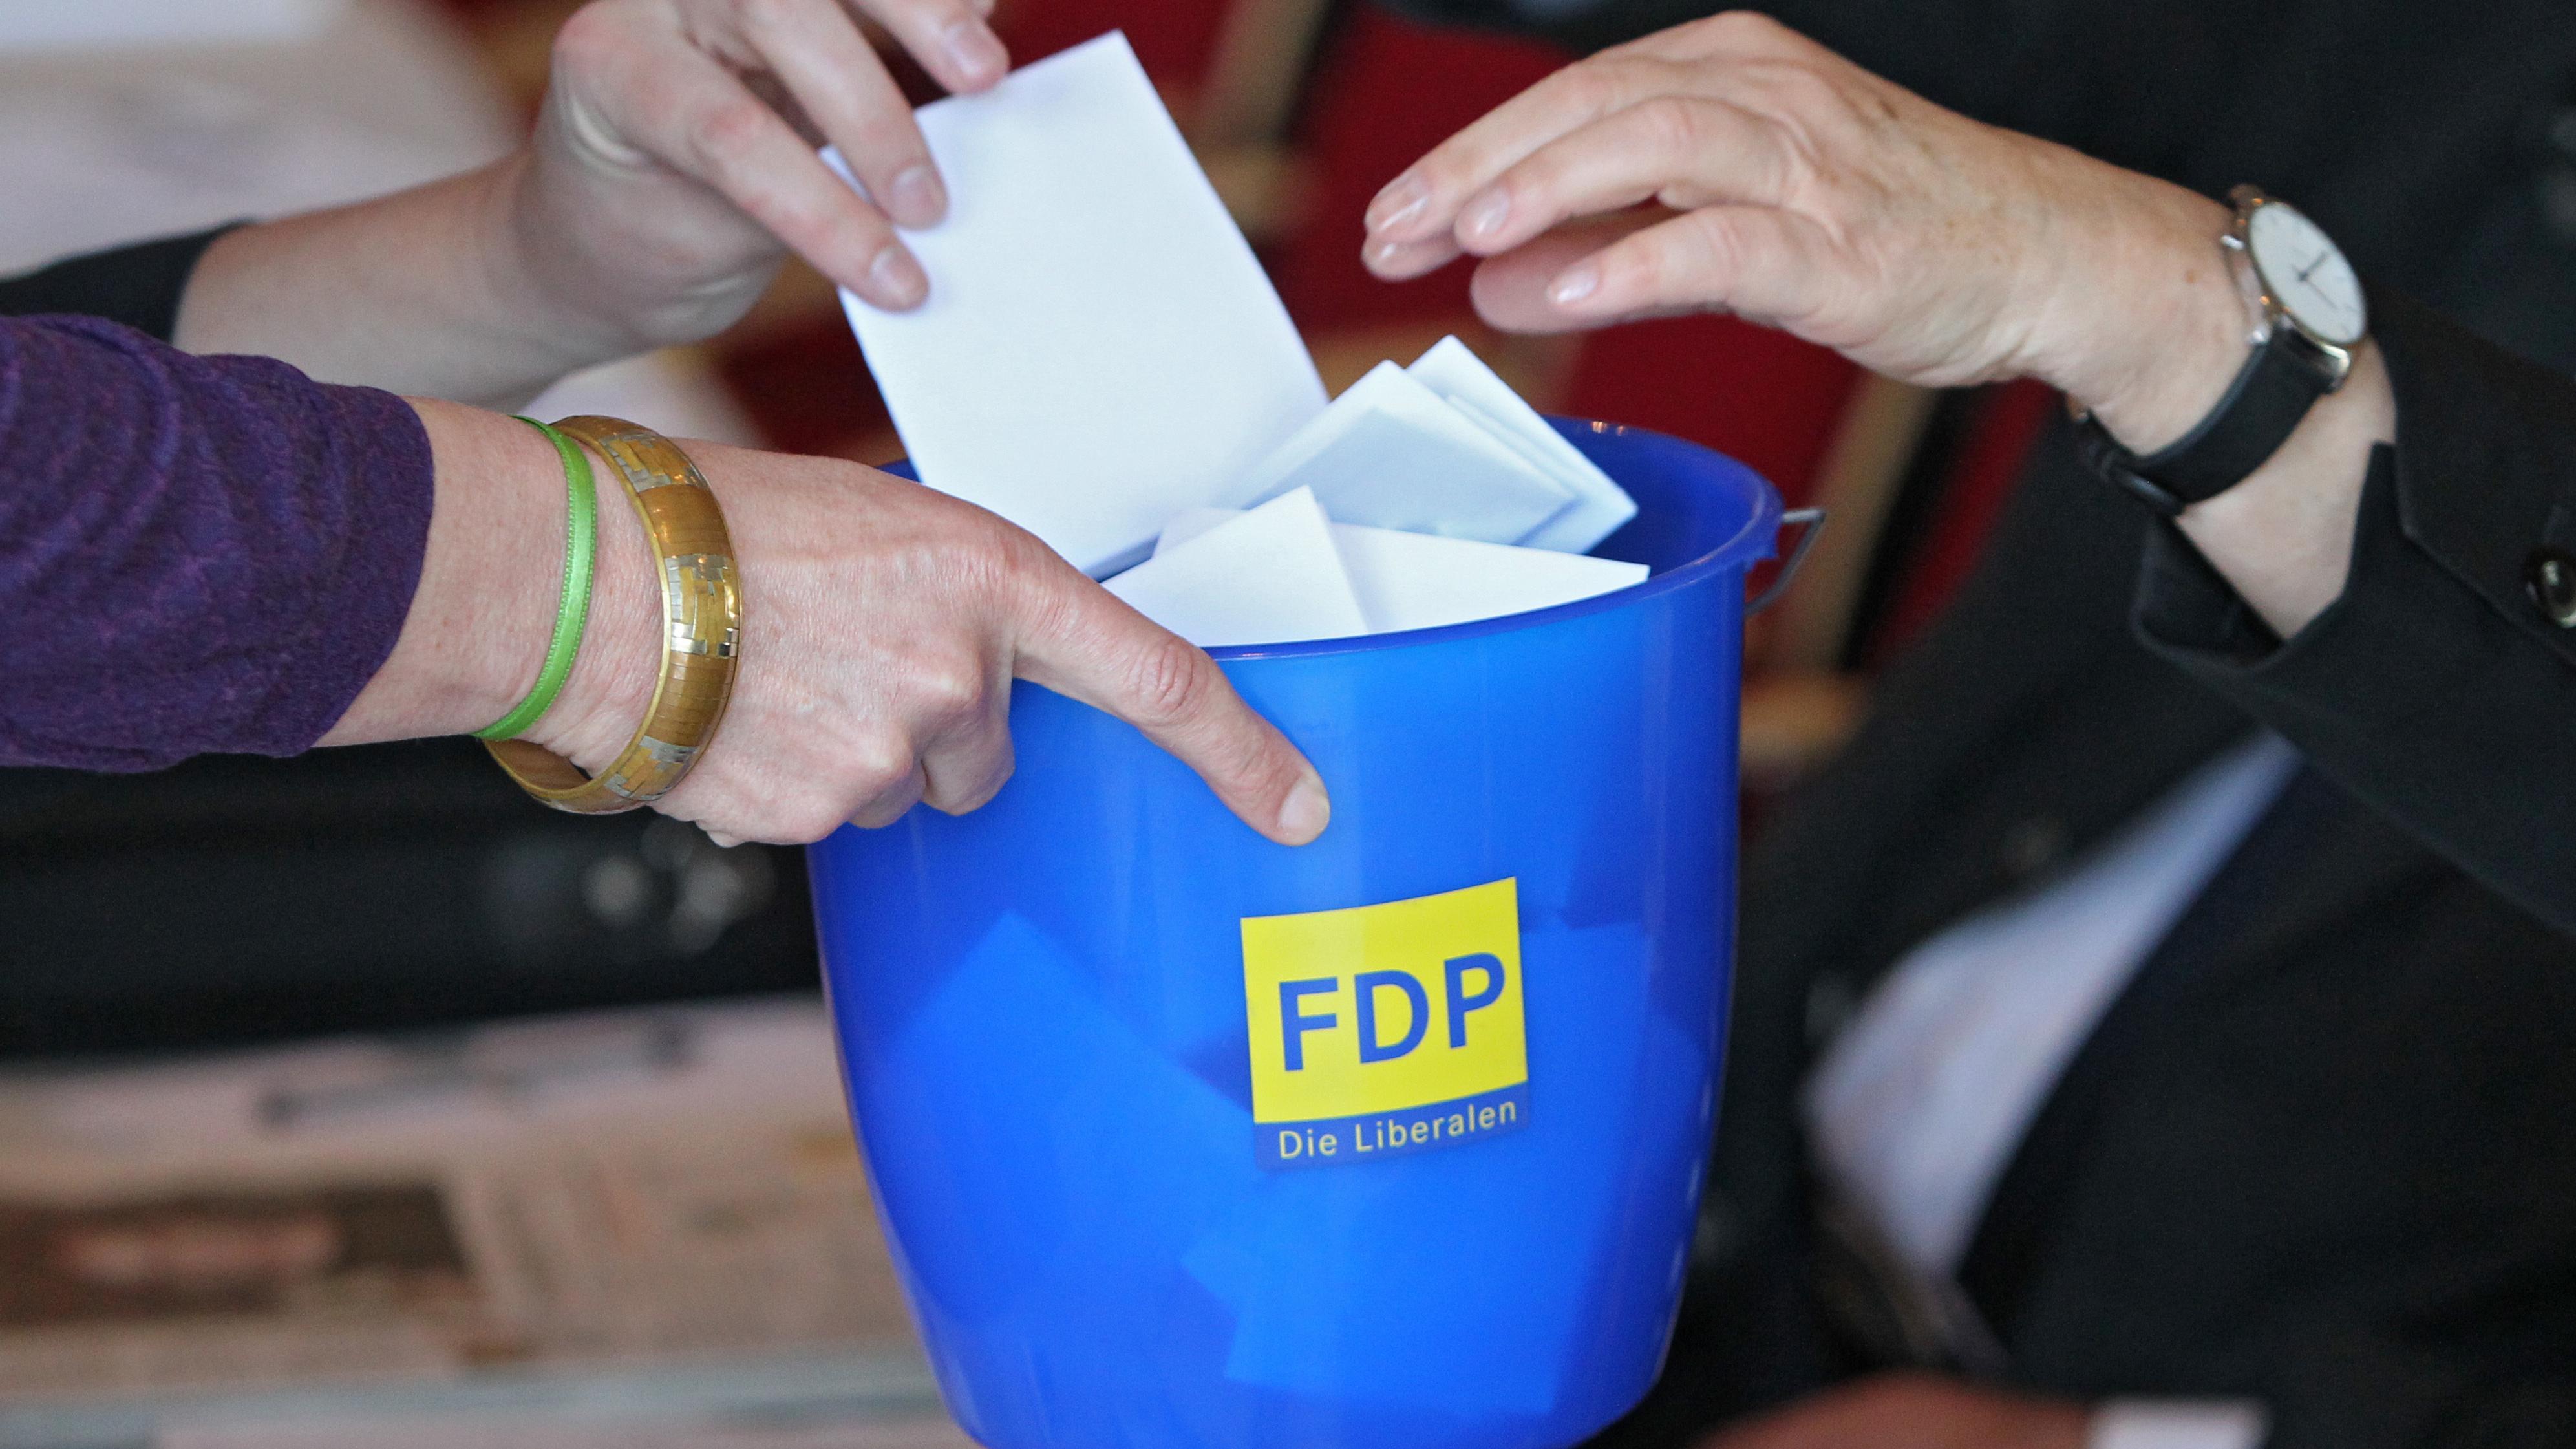 Parteitags-Delegierte geben am Sonntag (10.04.2011) während des Landesparteitags der FDP in Amberg (Oberpfalz) ihre Stimme zur Wahl des Landesvorstands ab.